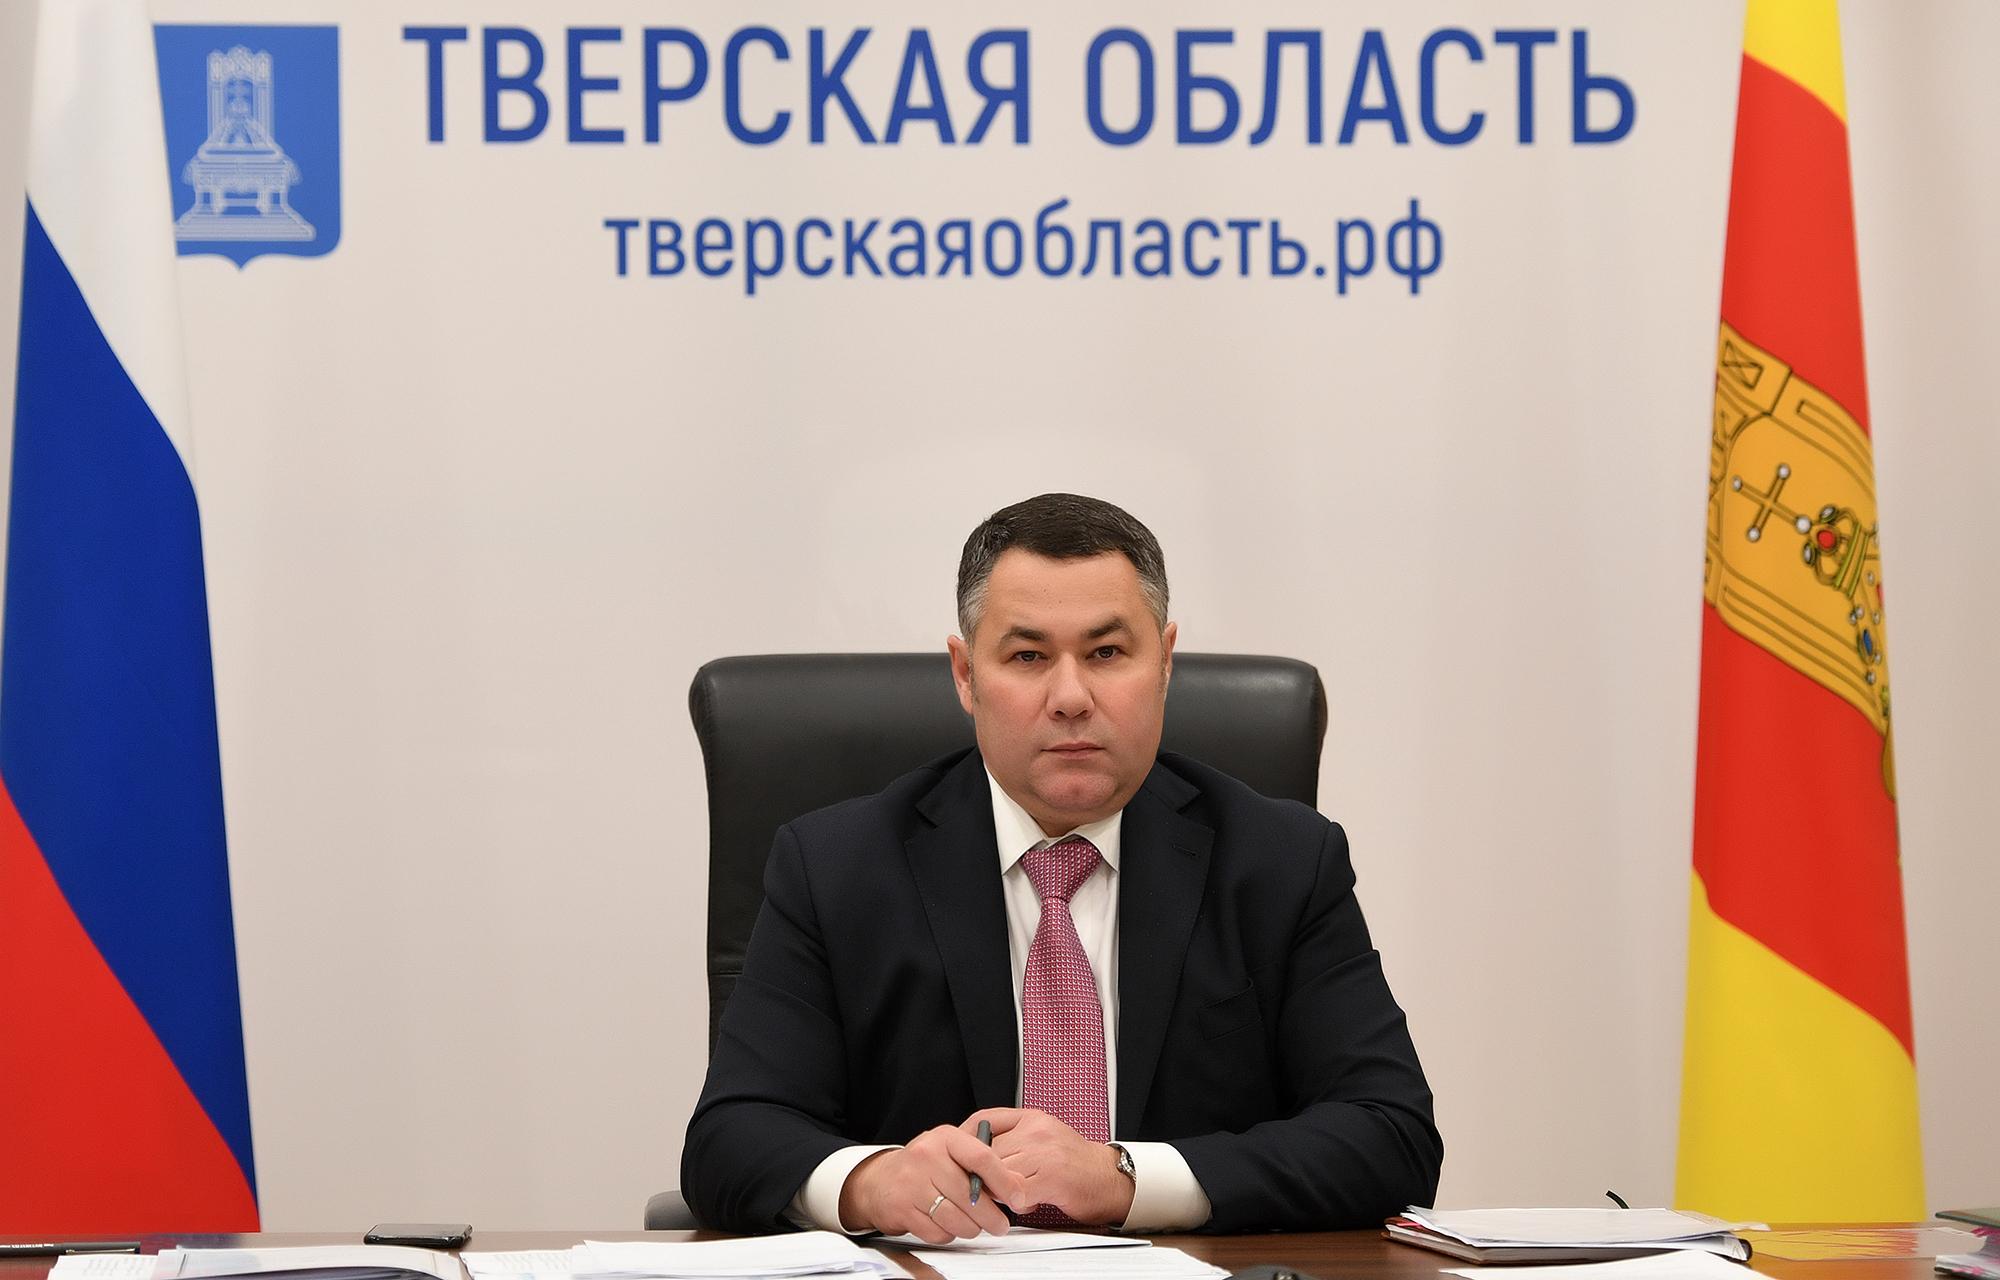 Игорь Руденя принял участие в расширенном заседании президиума Госсовета по реализации нацпроектов